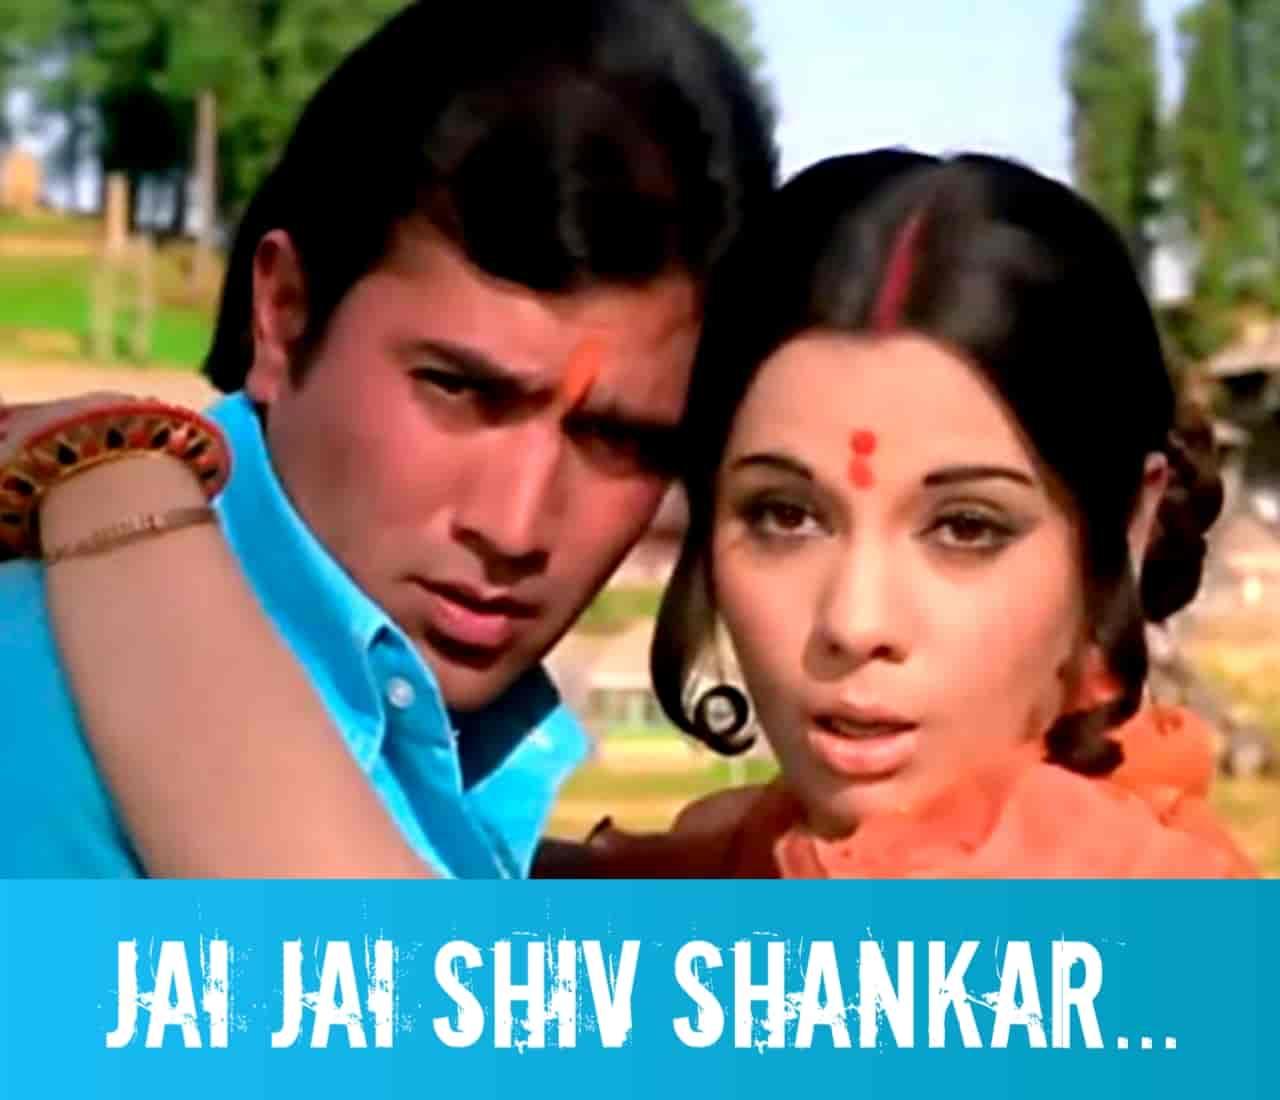 Jai Jai Shiv Shankar Hindi Song Lyrics, Sung By Kishor Kumar and Lata Mangeshkar.